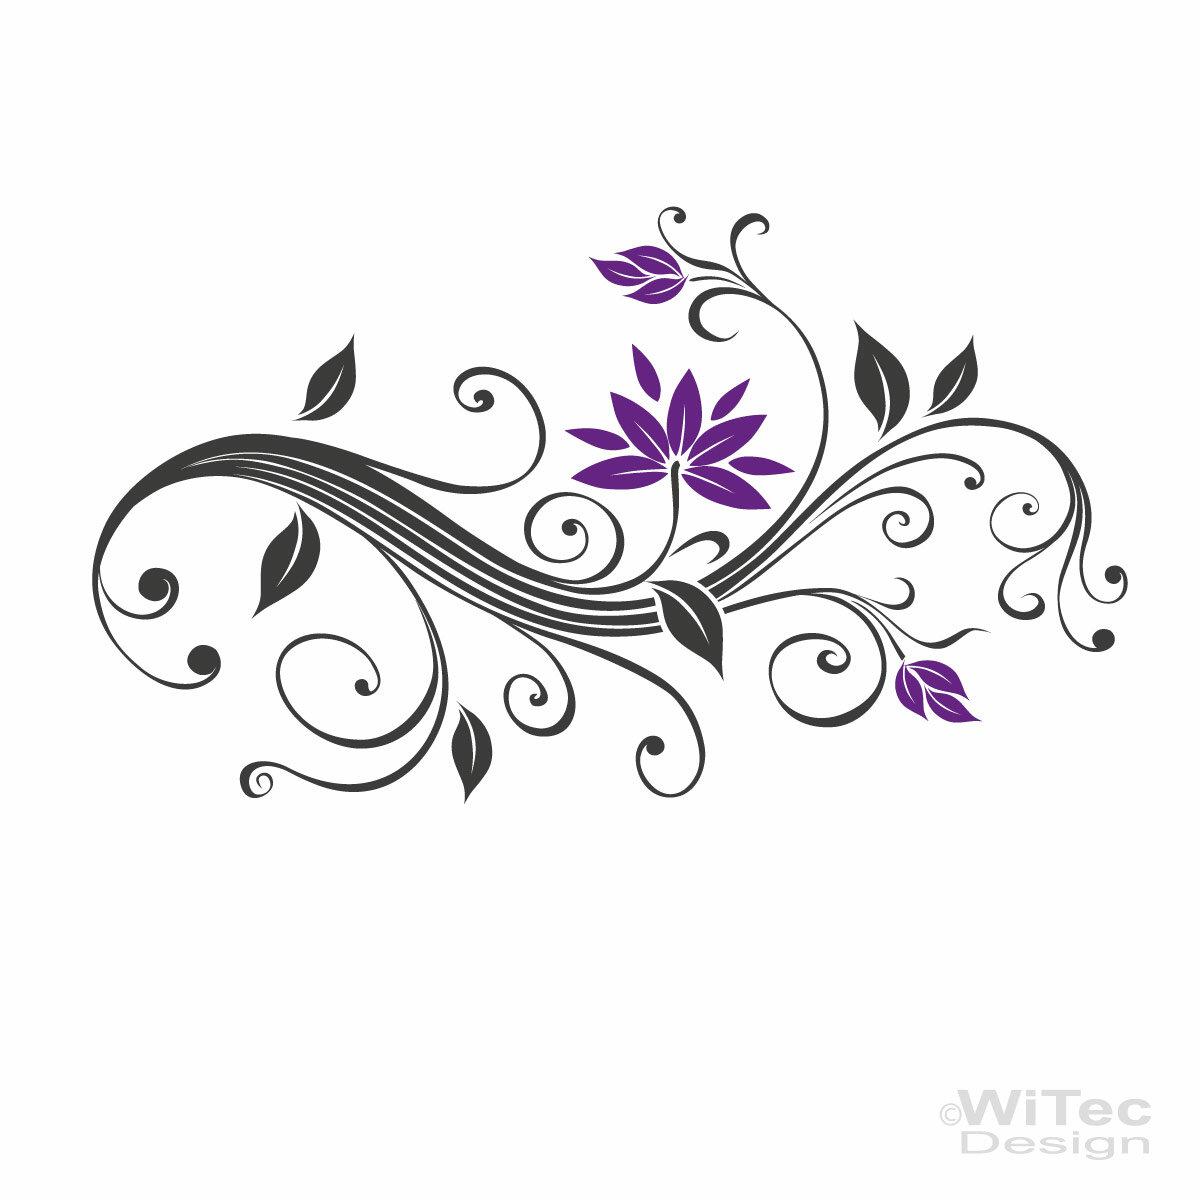 Blumenranke wandtattoo wandaufkleber blumen ranke for Wandtattoo blumenranke